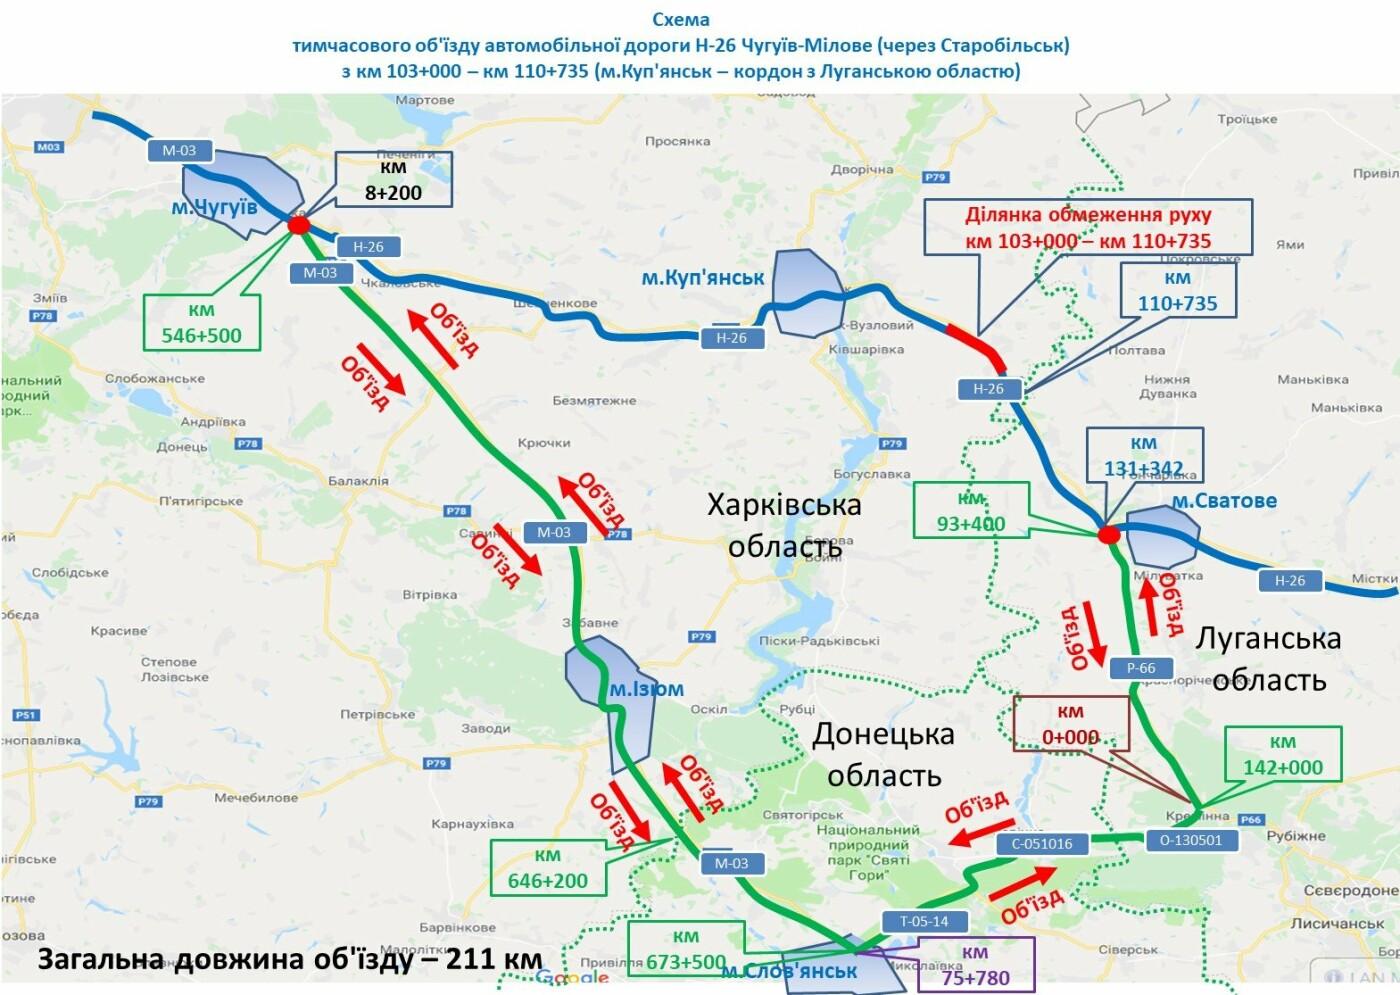 фото: Служба автомобильных дорог в Харьковской области